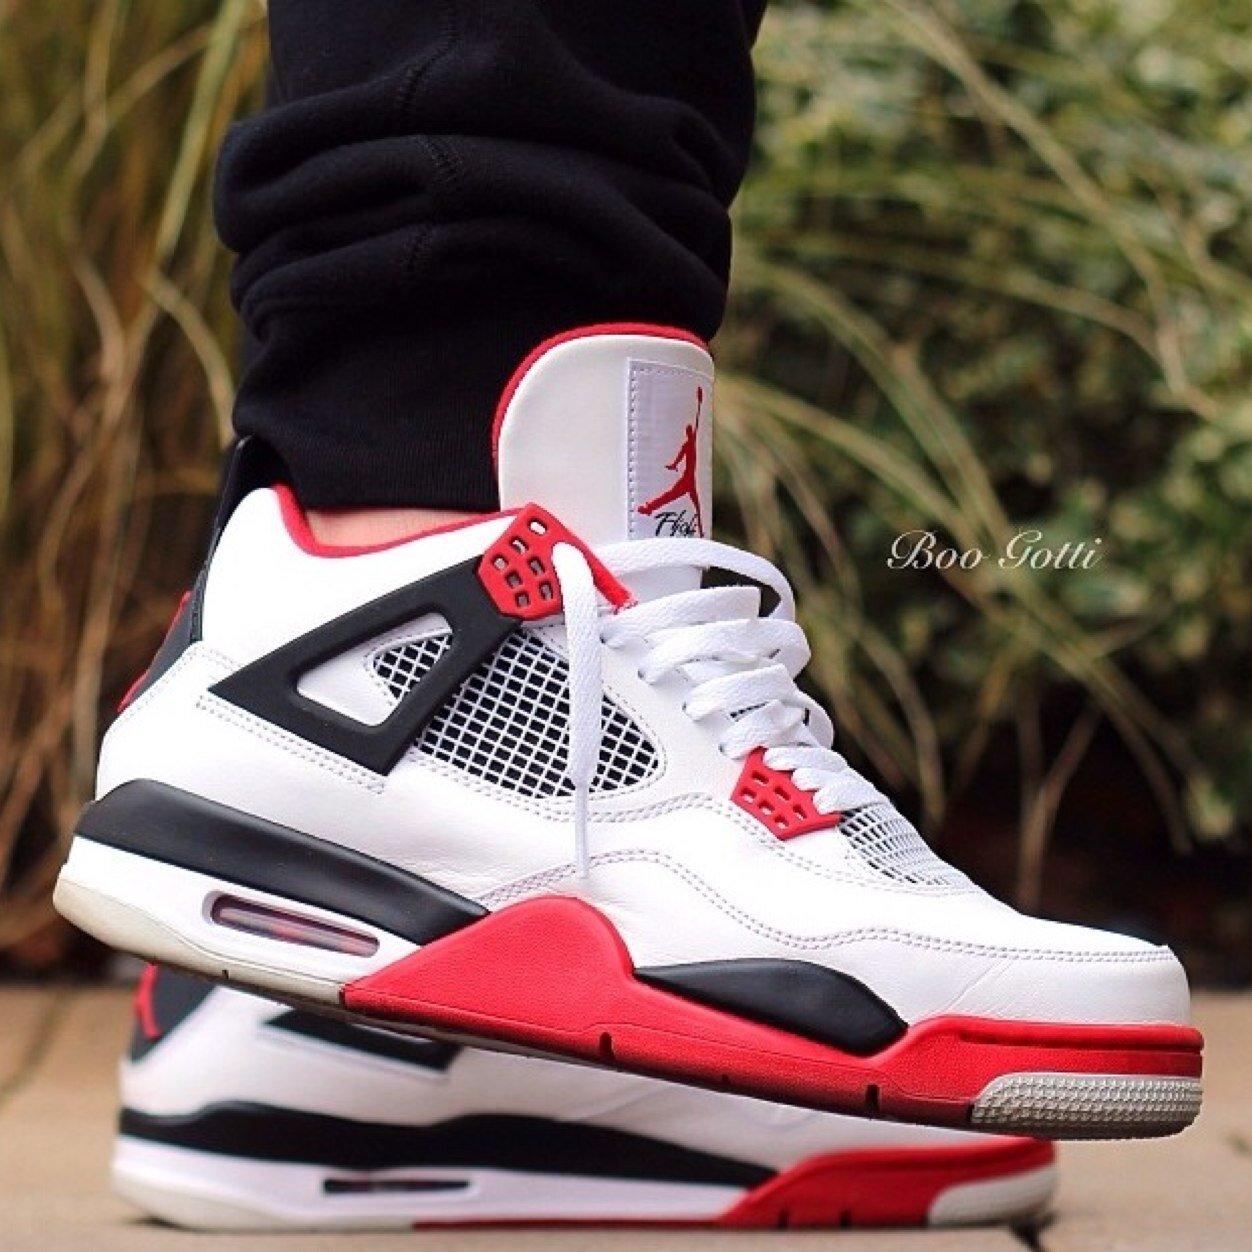 Jordan Shoes Indonesia